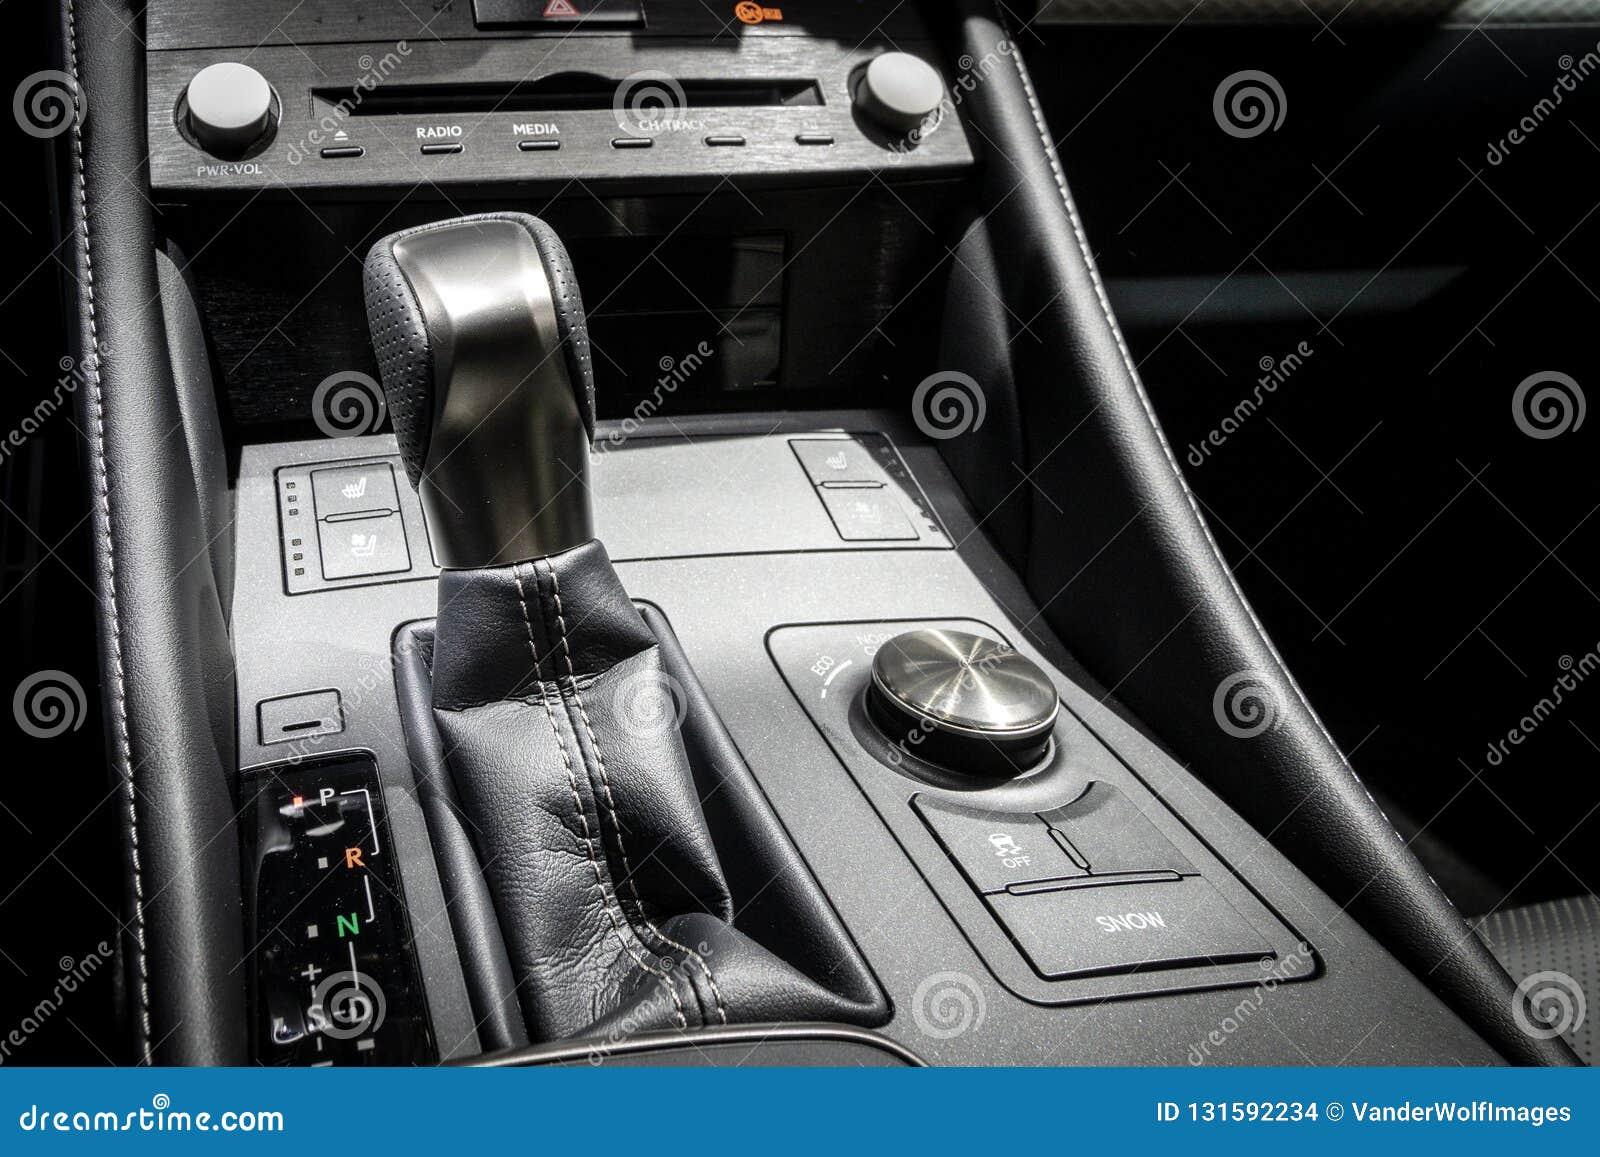 Gear shift modern car